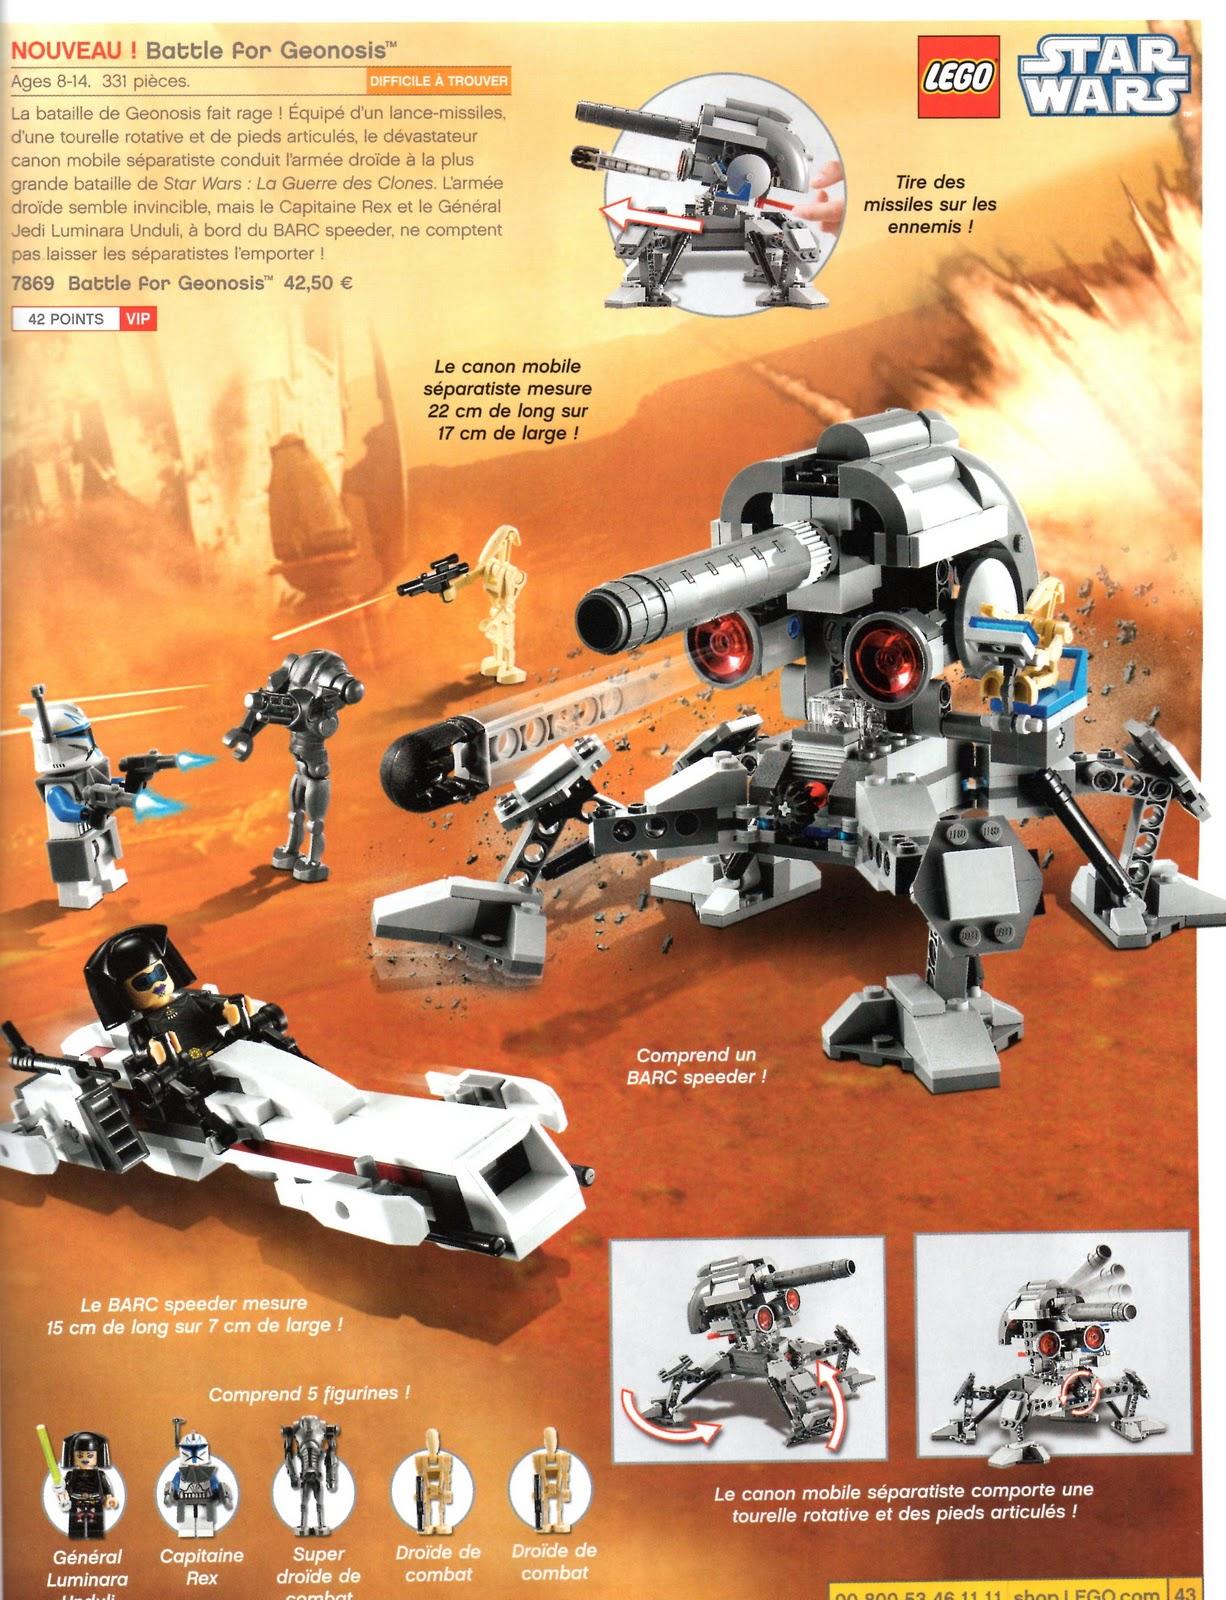 Lego Star Wars 2011